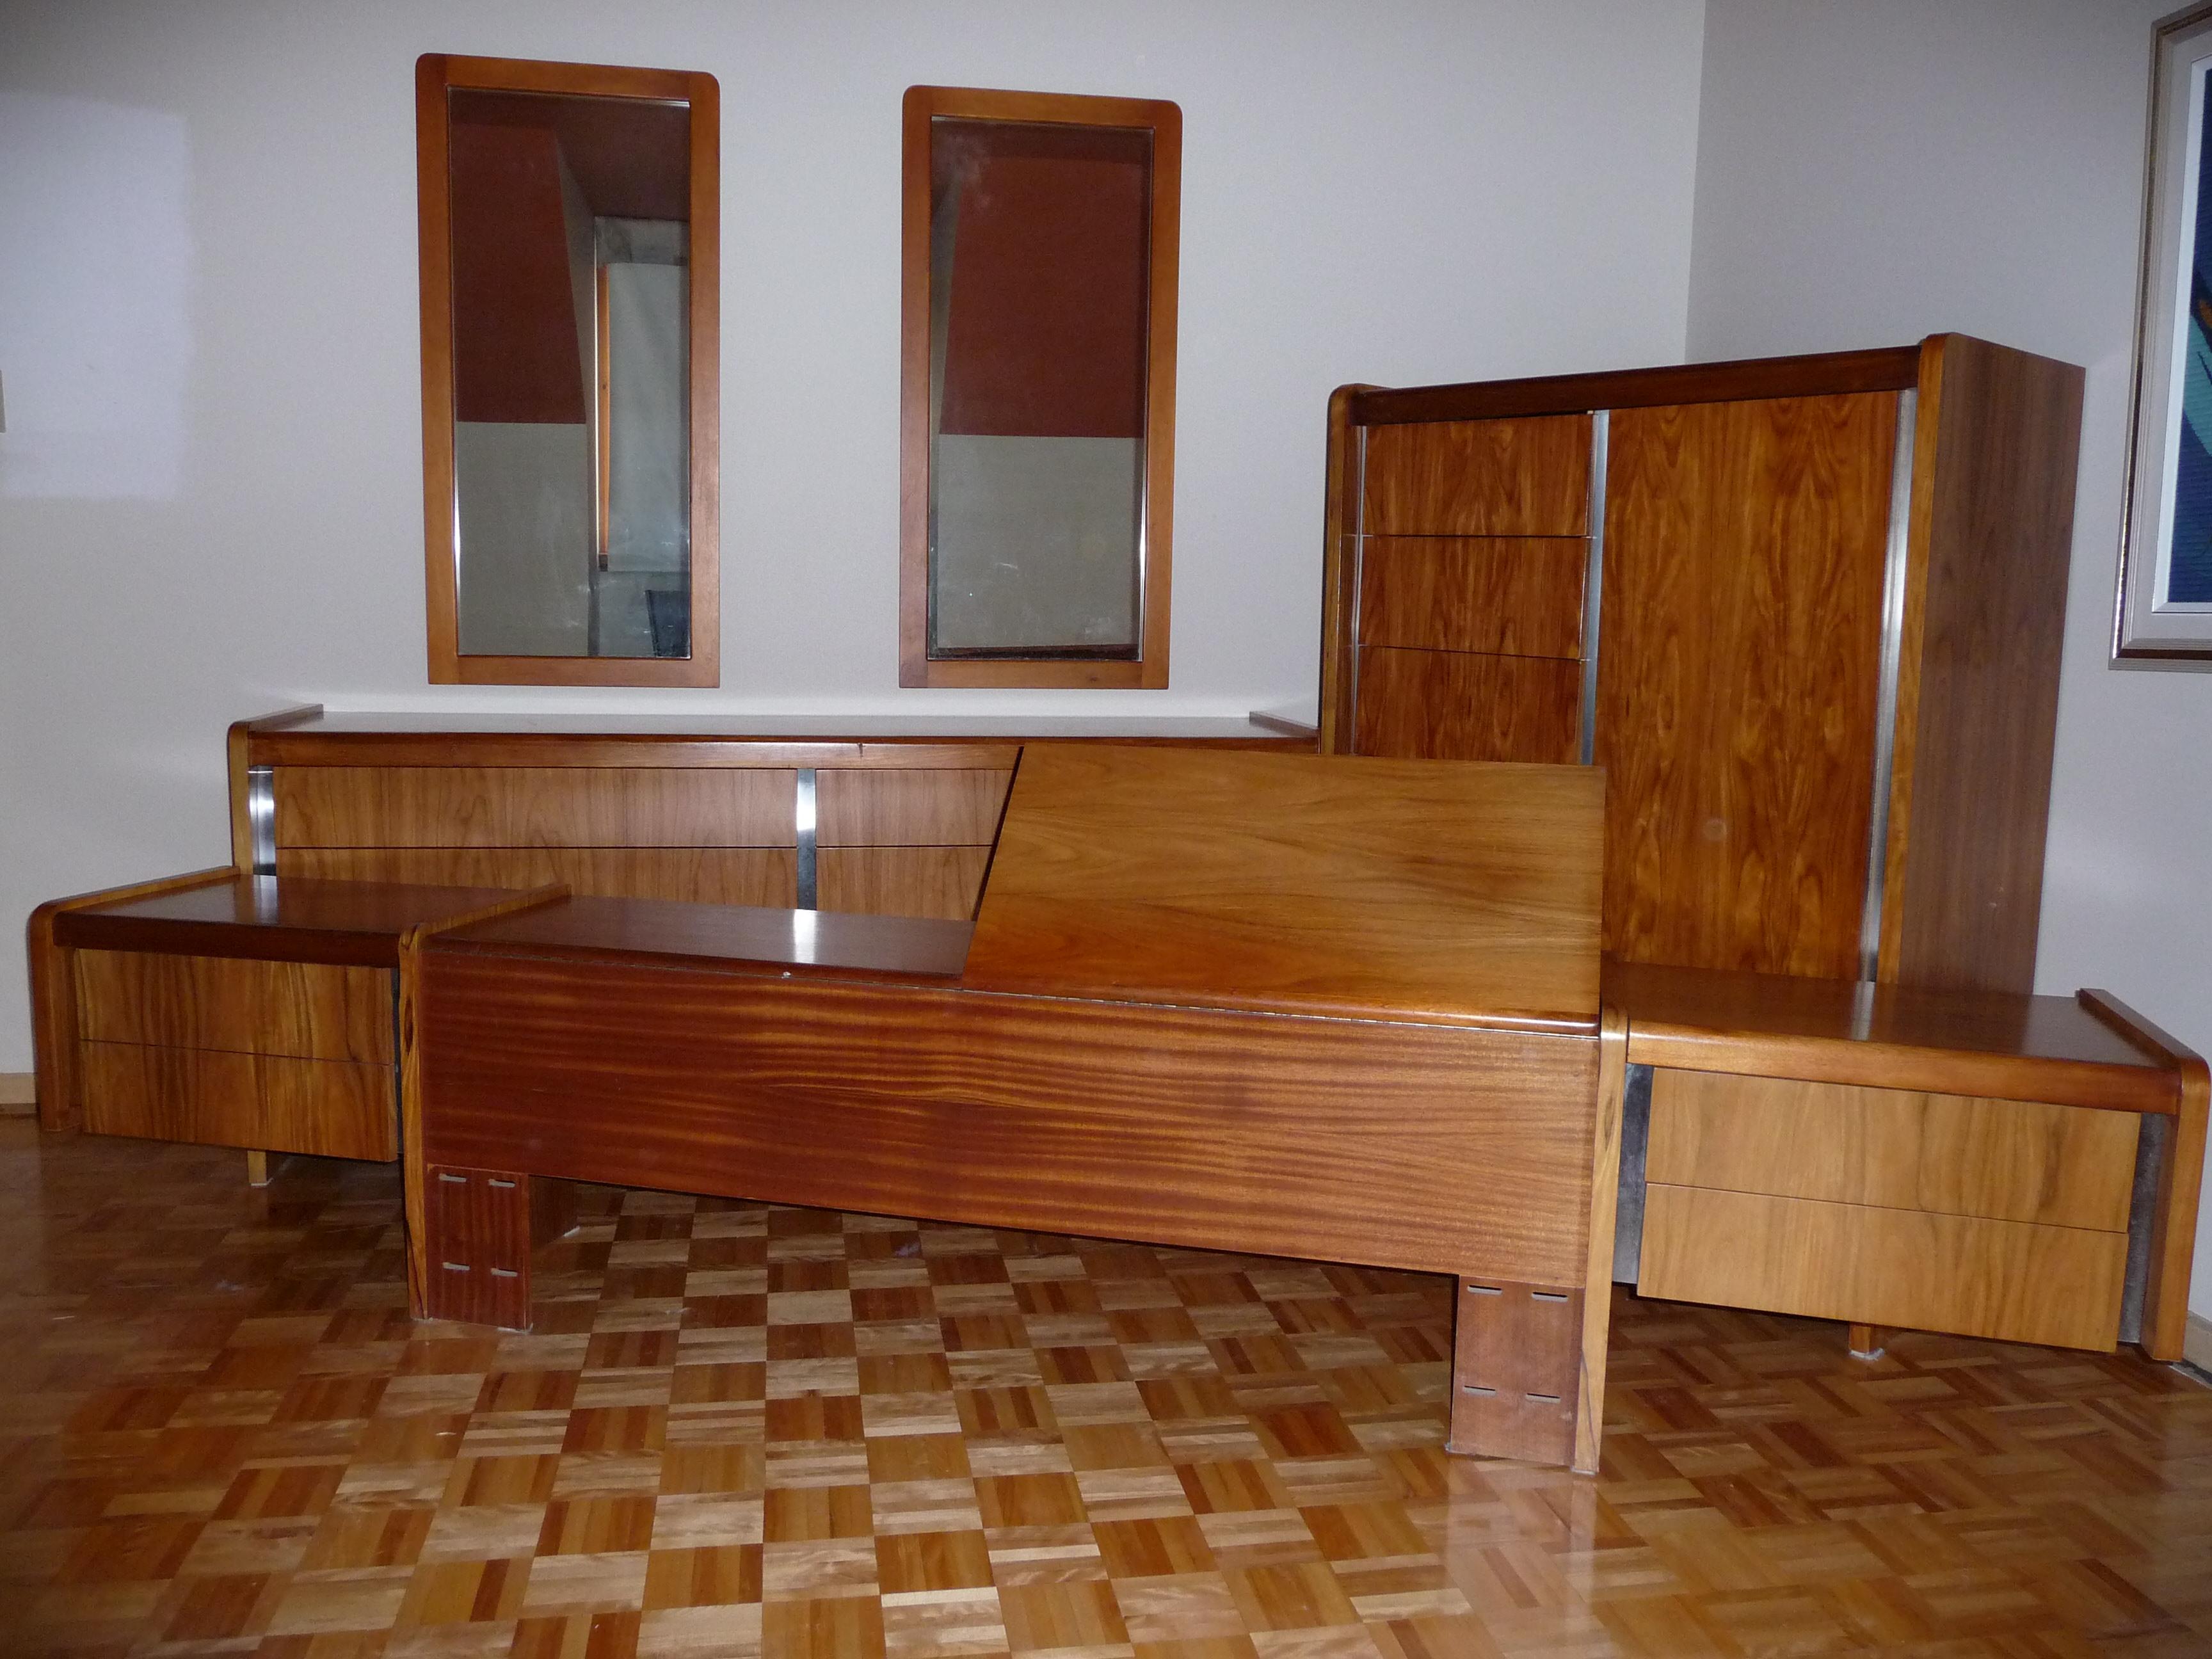 set de chambre coucher en bois de rose vendre saint bruno de montarville annonces. Black Bedroom Furniture Sets. Home Design Ideas